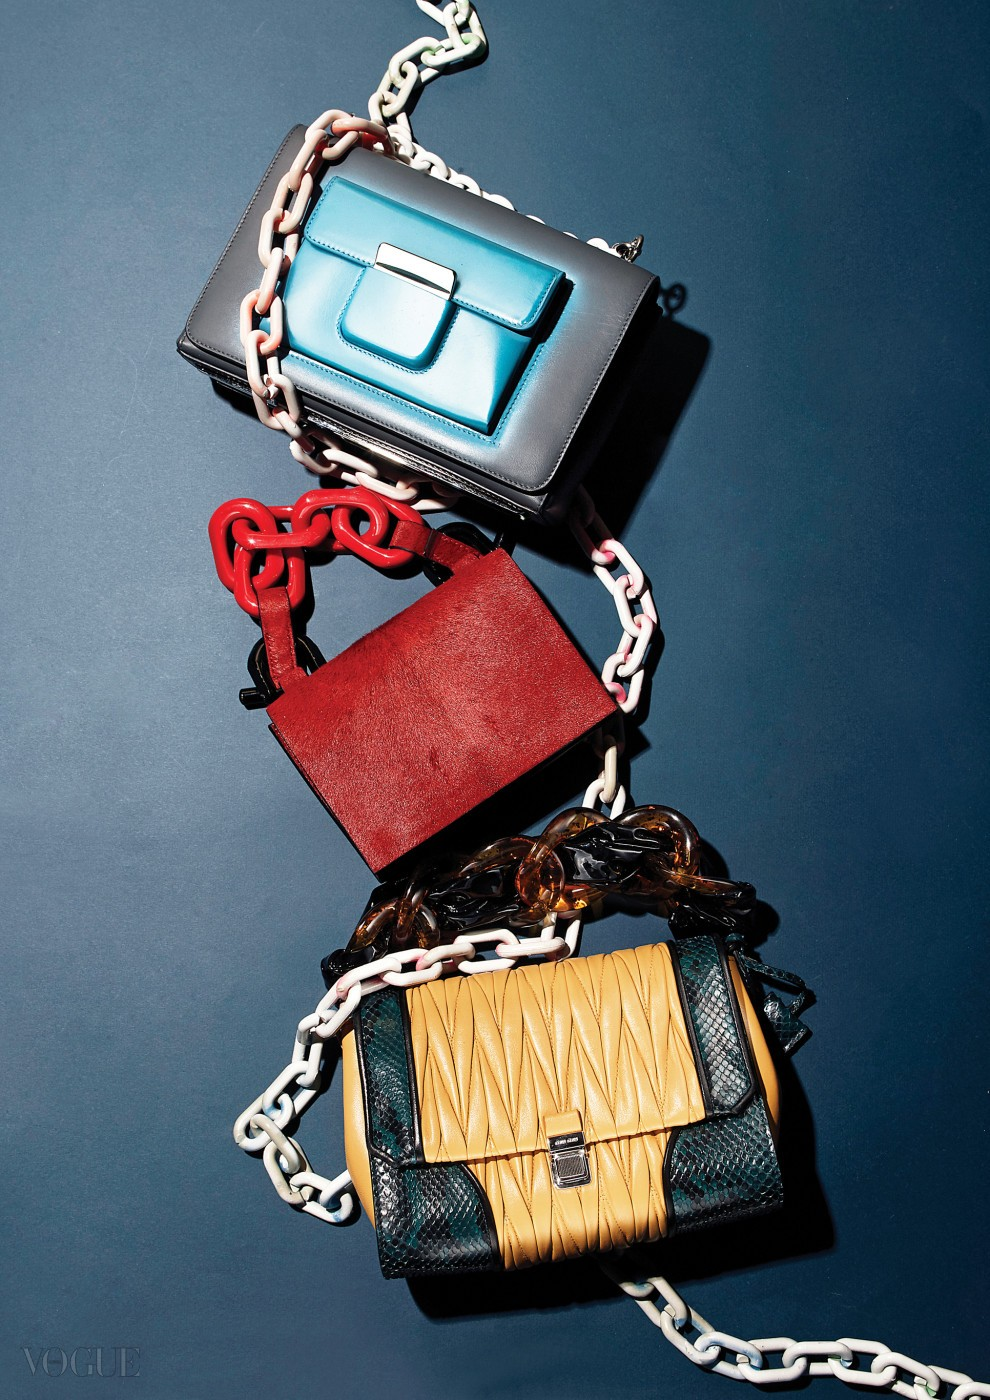 위부터 스프레이를 뿌린 듯한 핸드백은 발렌시아가(Balenciaga), 빨강 송치 미니백은 캘빈 클라인 컬렉션(Calvin Klein Collection), 파이톤 포인트의 노랑 핸드백은 미우미우(Miu Miu).